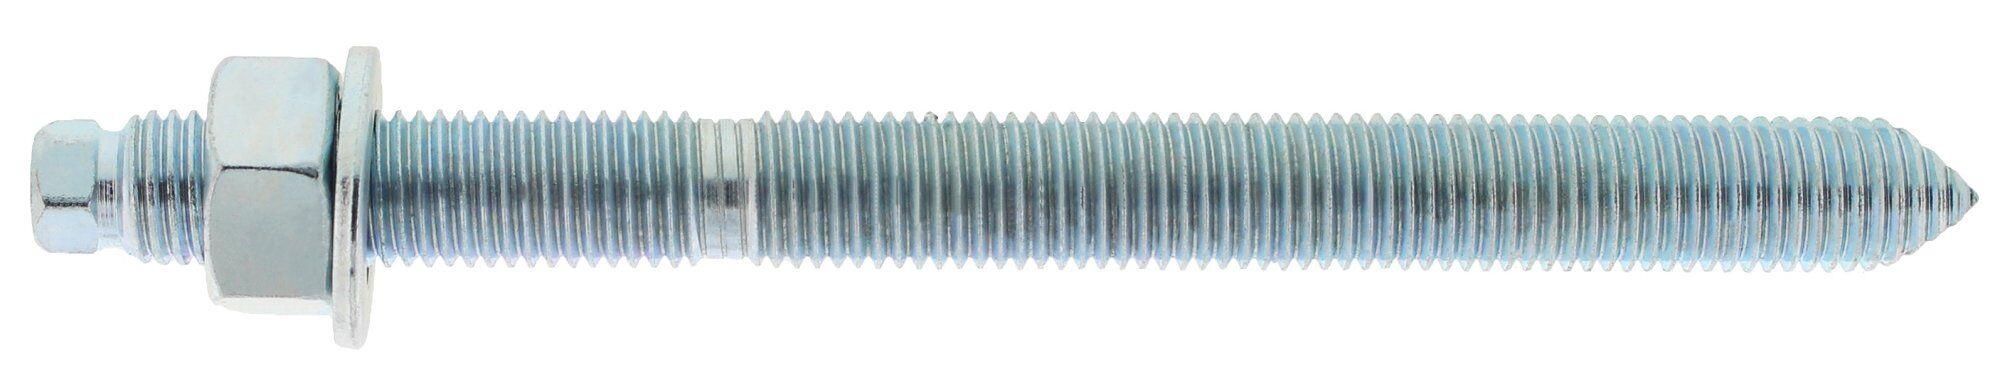 SPIT Boîte de 10 tiges filetées standard zinguées M10 x 130 CL.5.8 + accessoires de pose HEX - SPIT - 60216